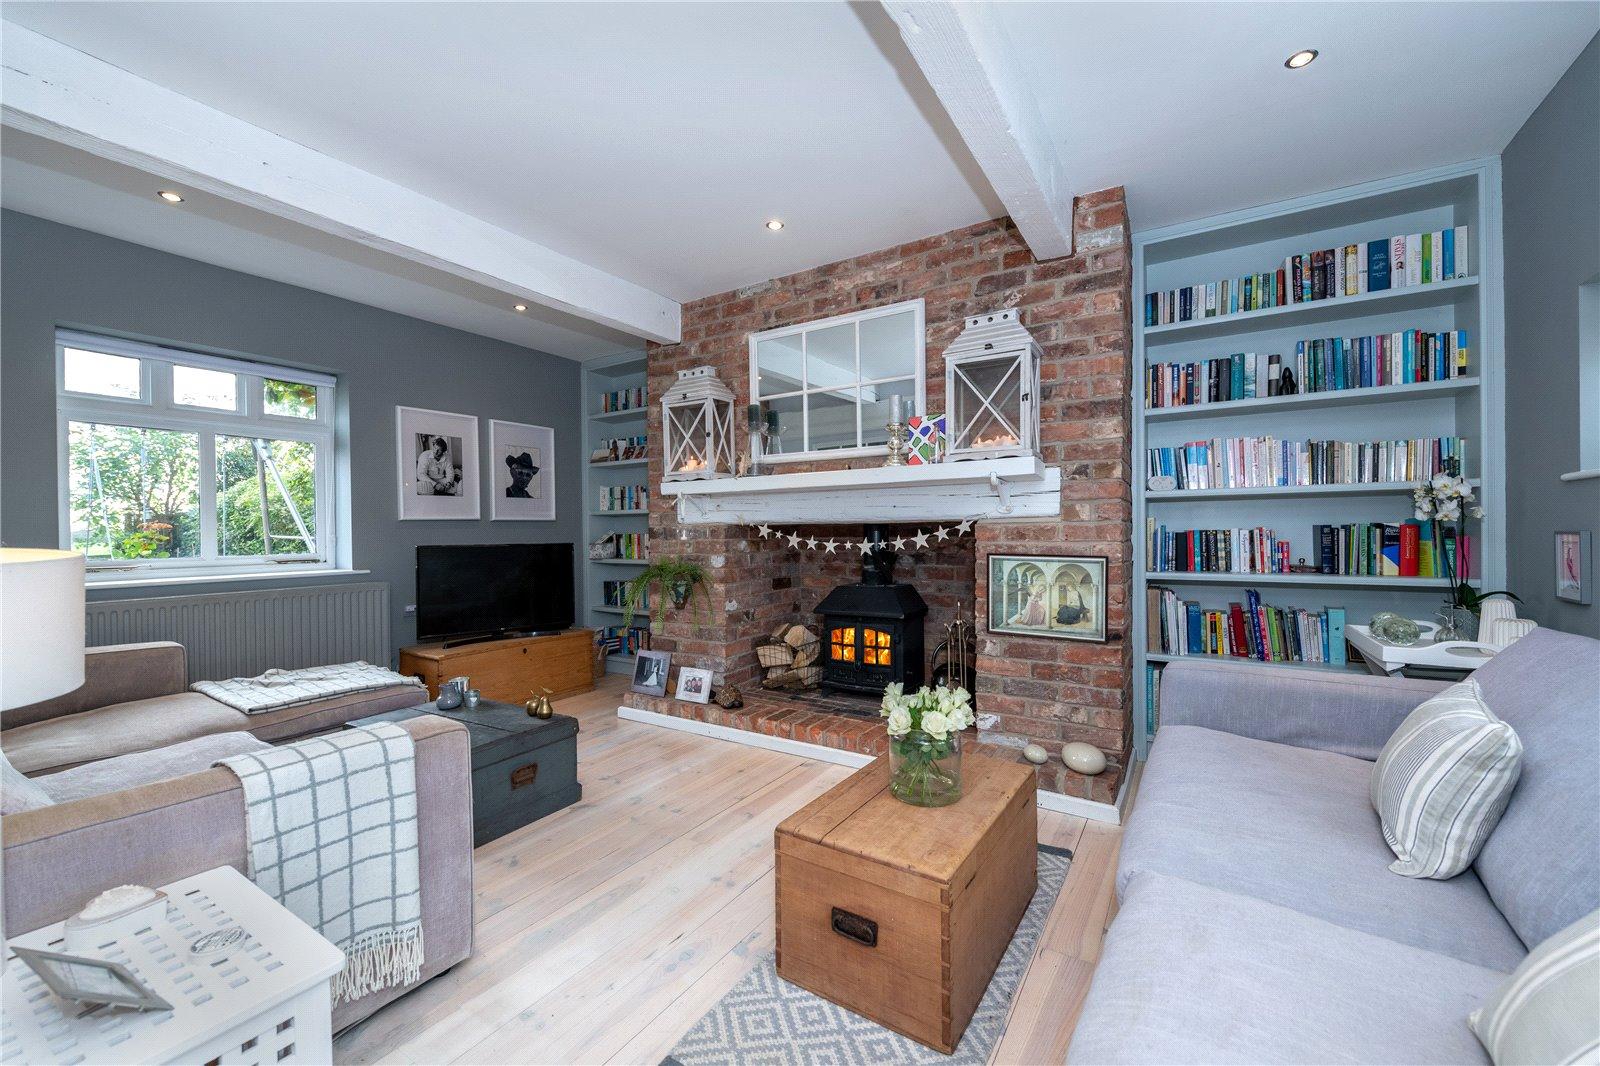 contemporary nordic interior design sitting room